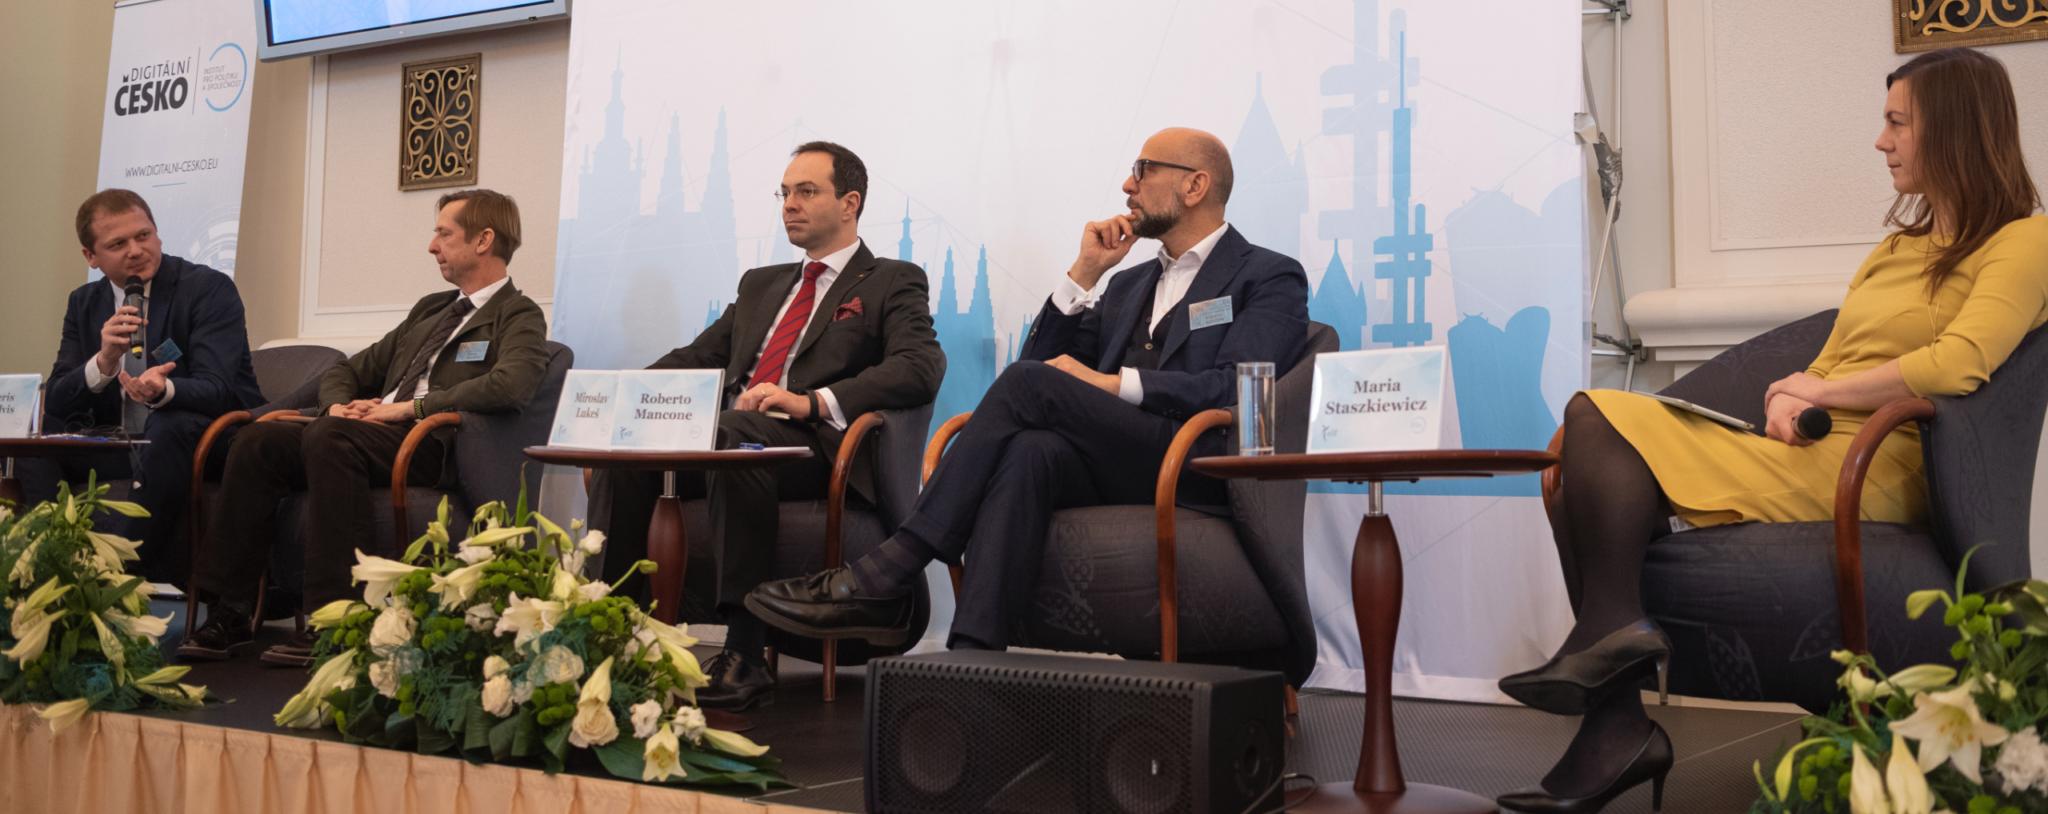 Kapitálový trh: jak zvládnout a získat na digitální transformaci?